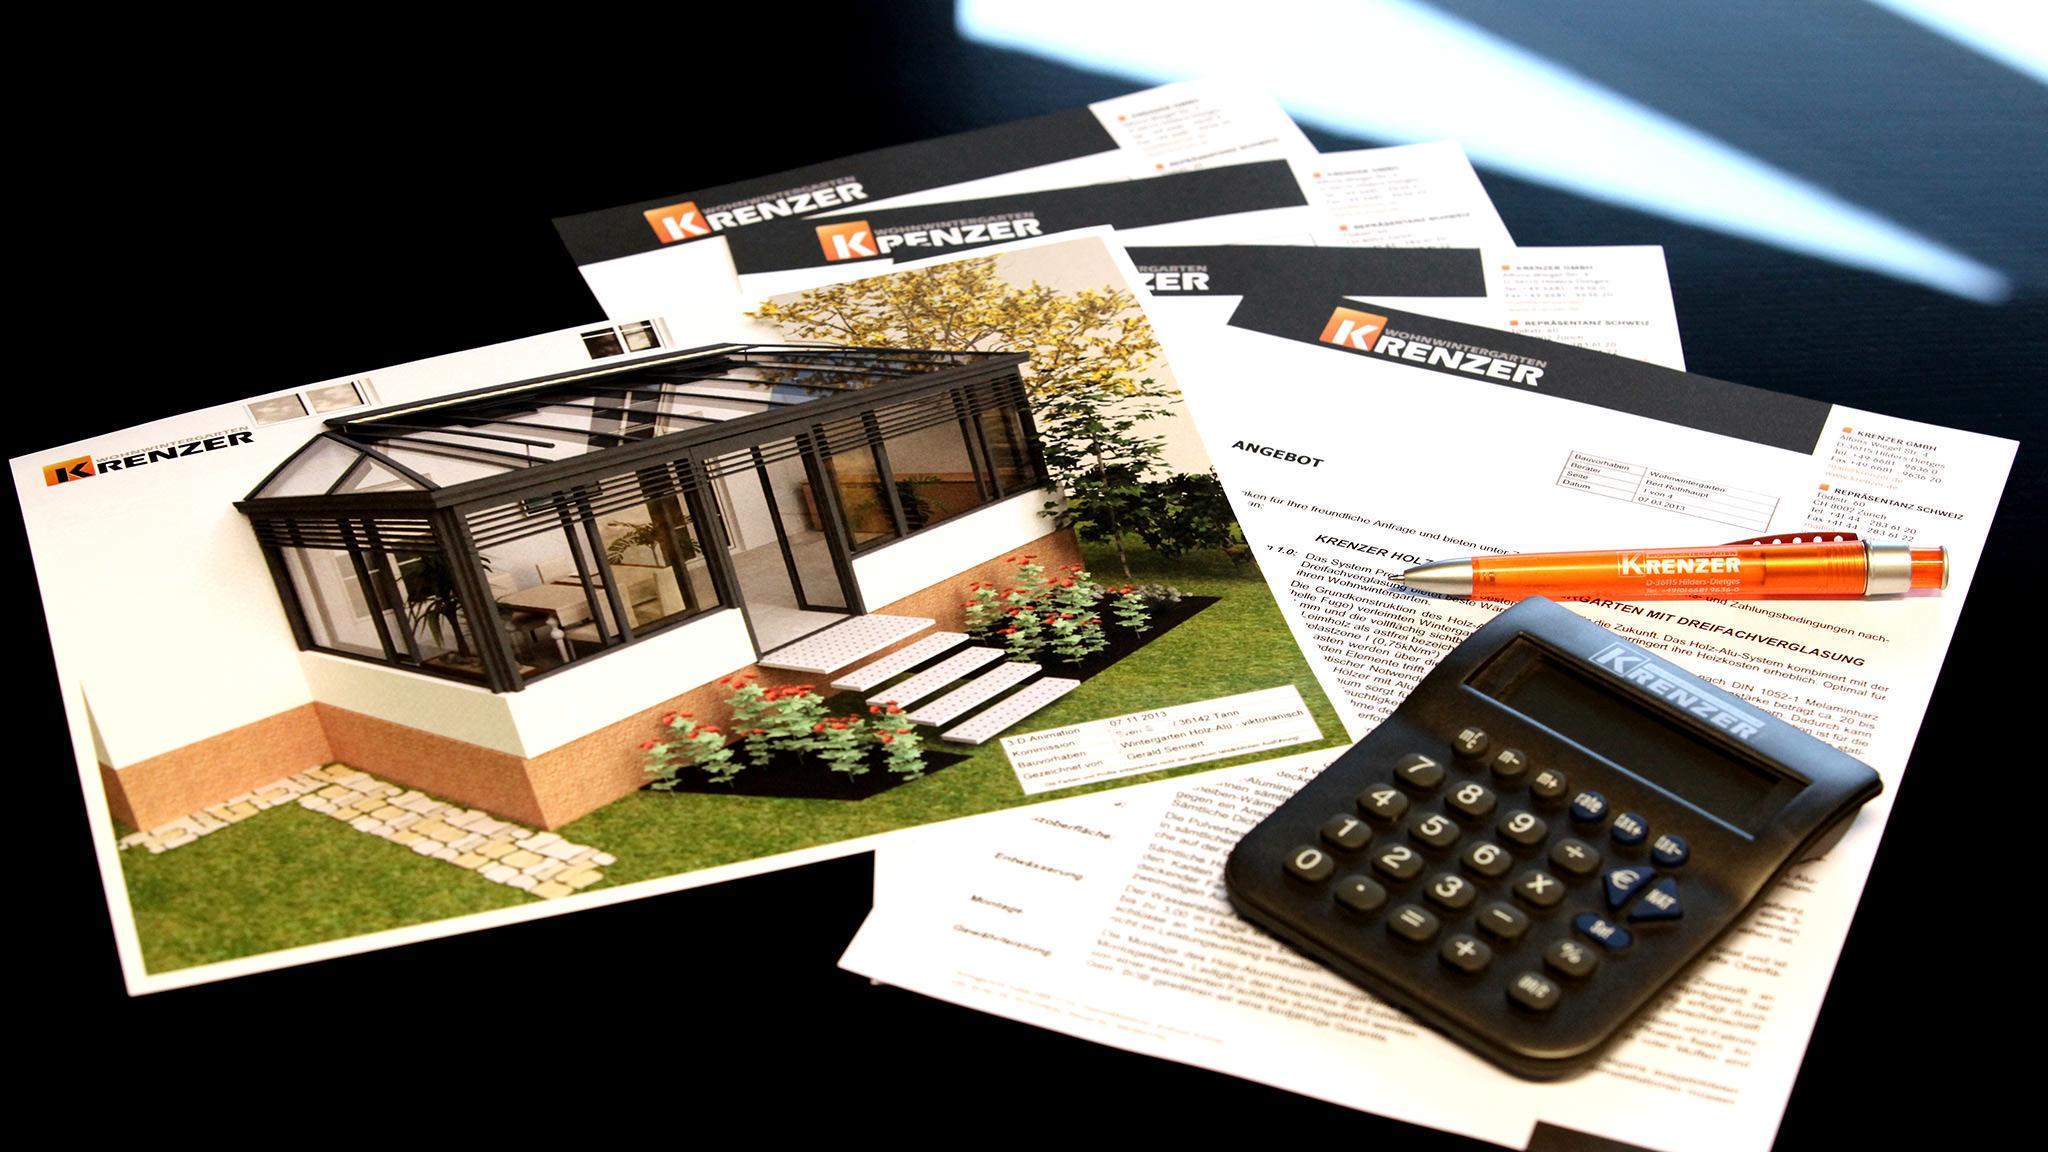 wintergartenpreise krenzer wintergarten. Black Bedroom Furniture Sets. Home Design Ideas